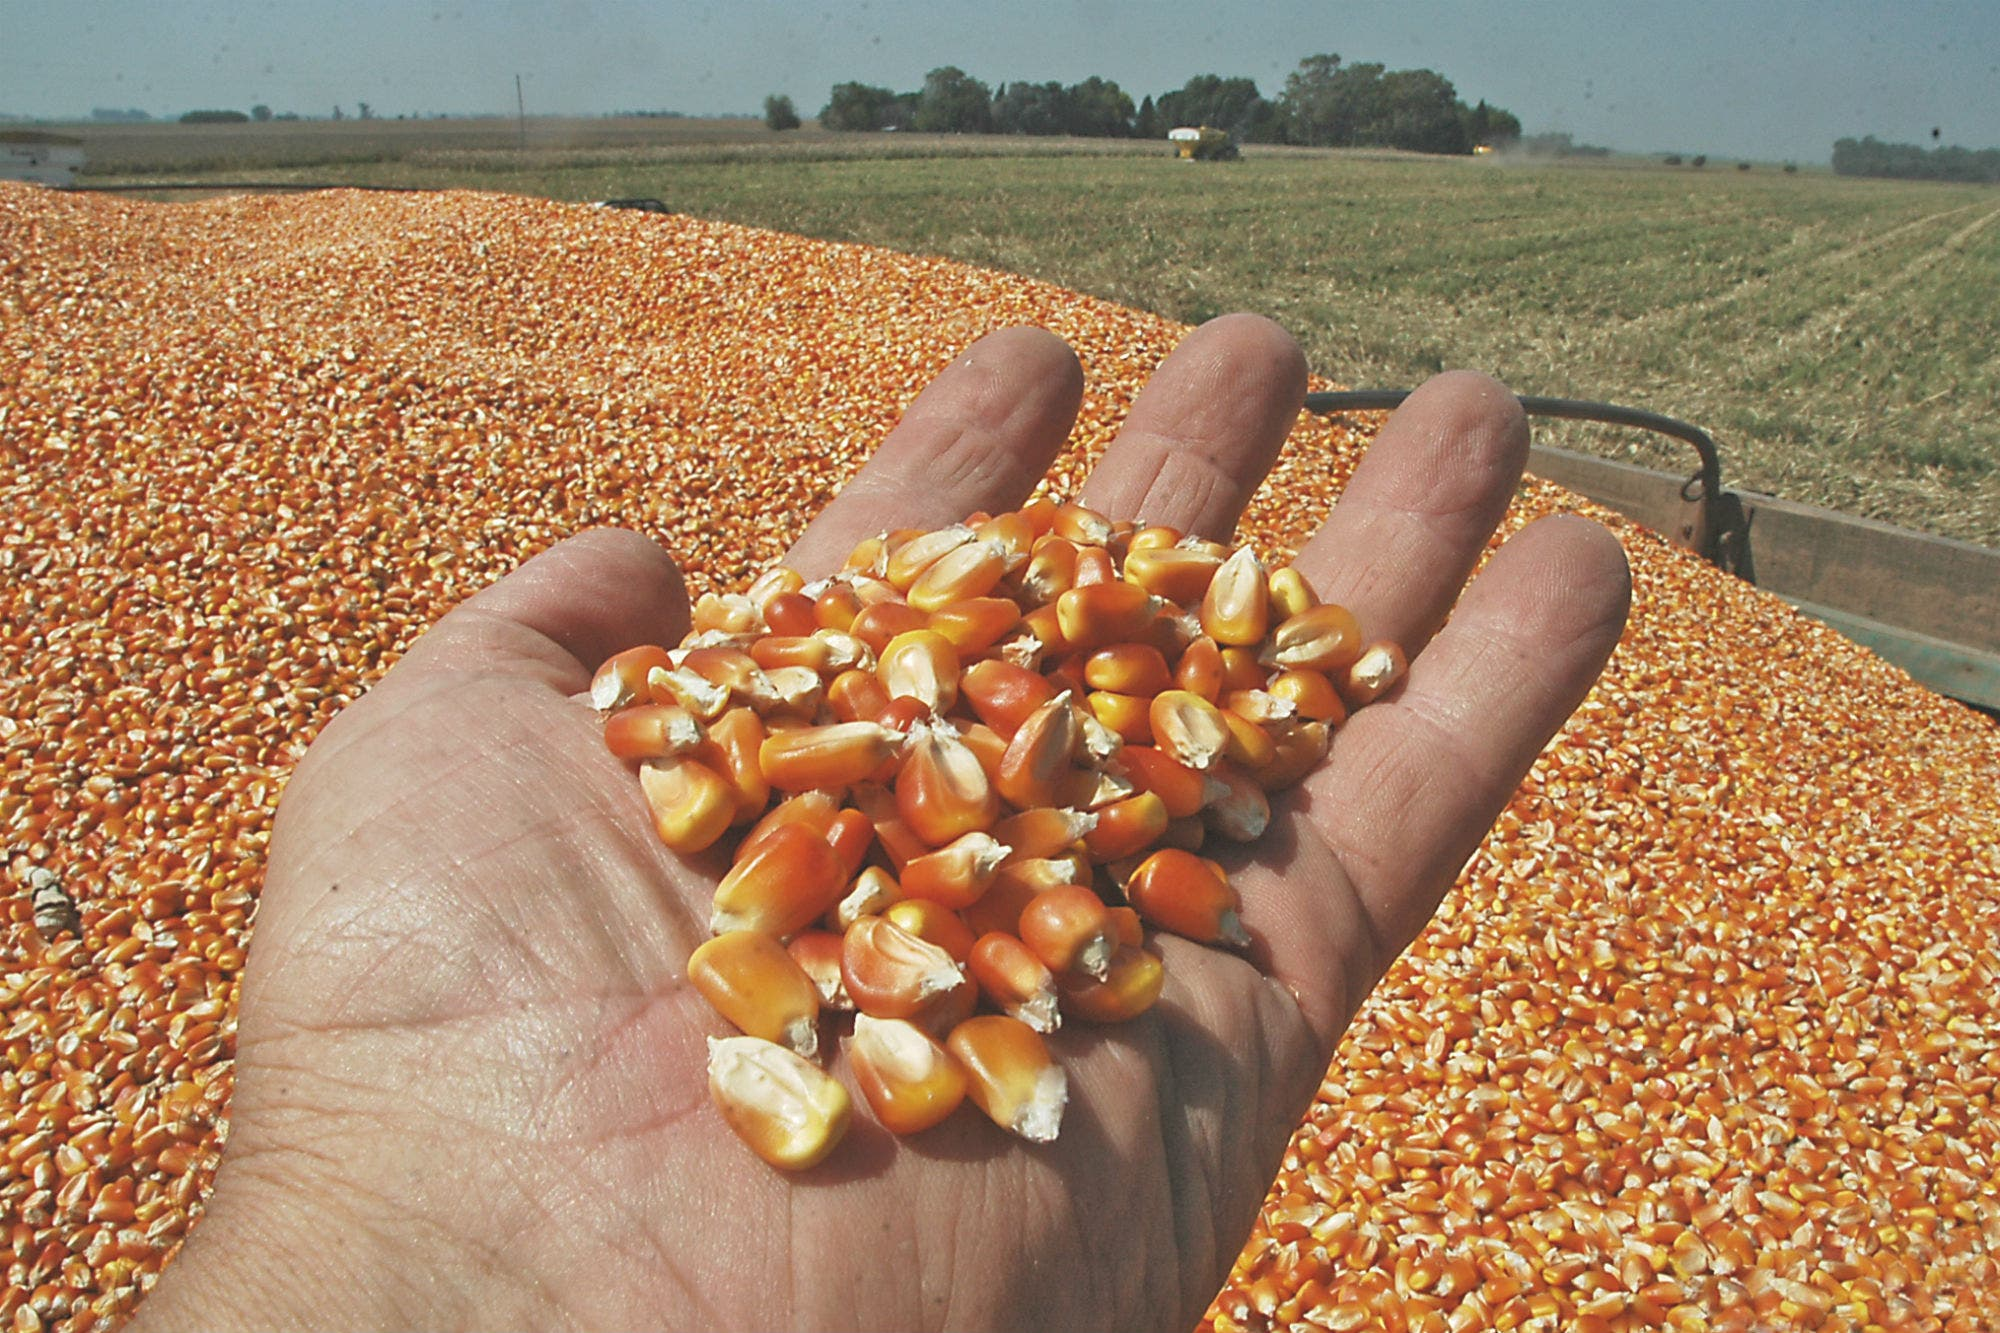 La previsión de una cosecha récord de maíz en Estados Unidos les suma presión bajista a los precios